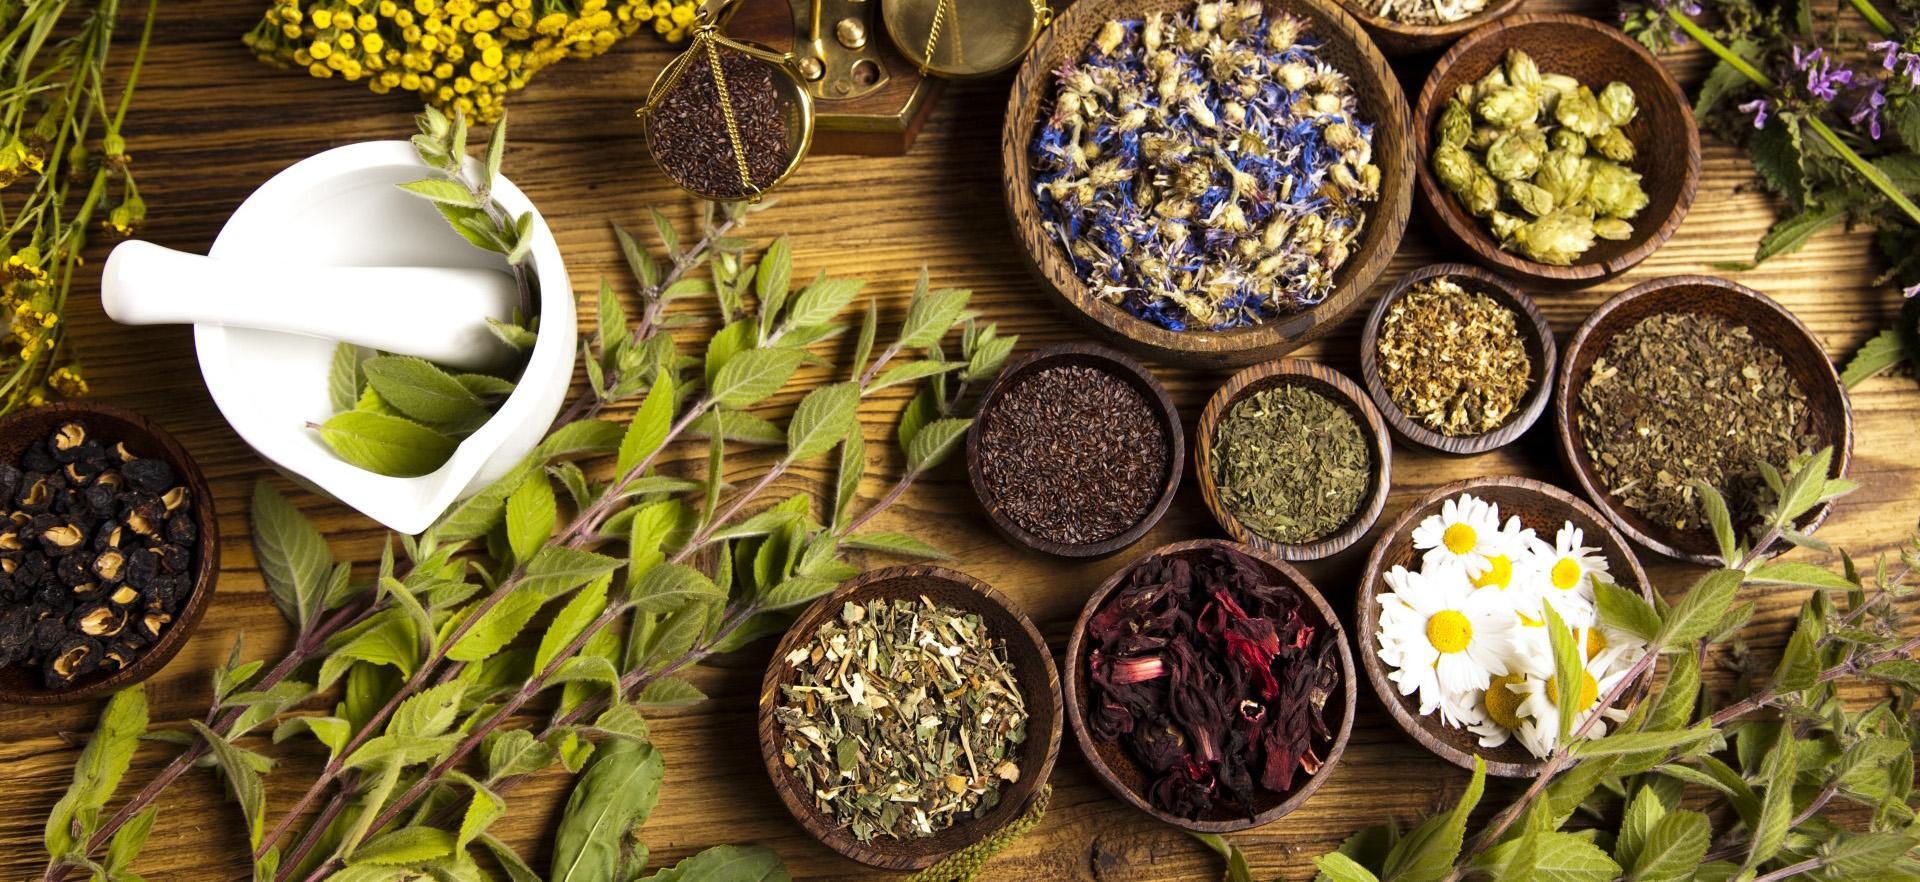 Экспорт лекарственных трав из Алтайского края вырос в 86 раз